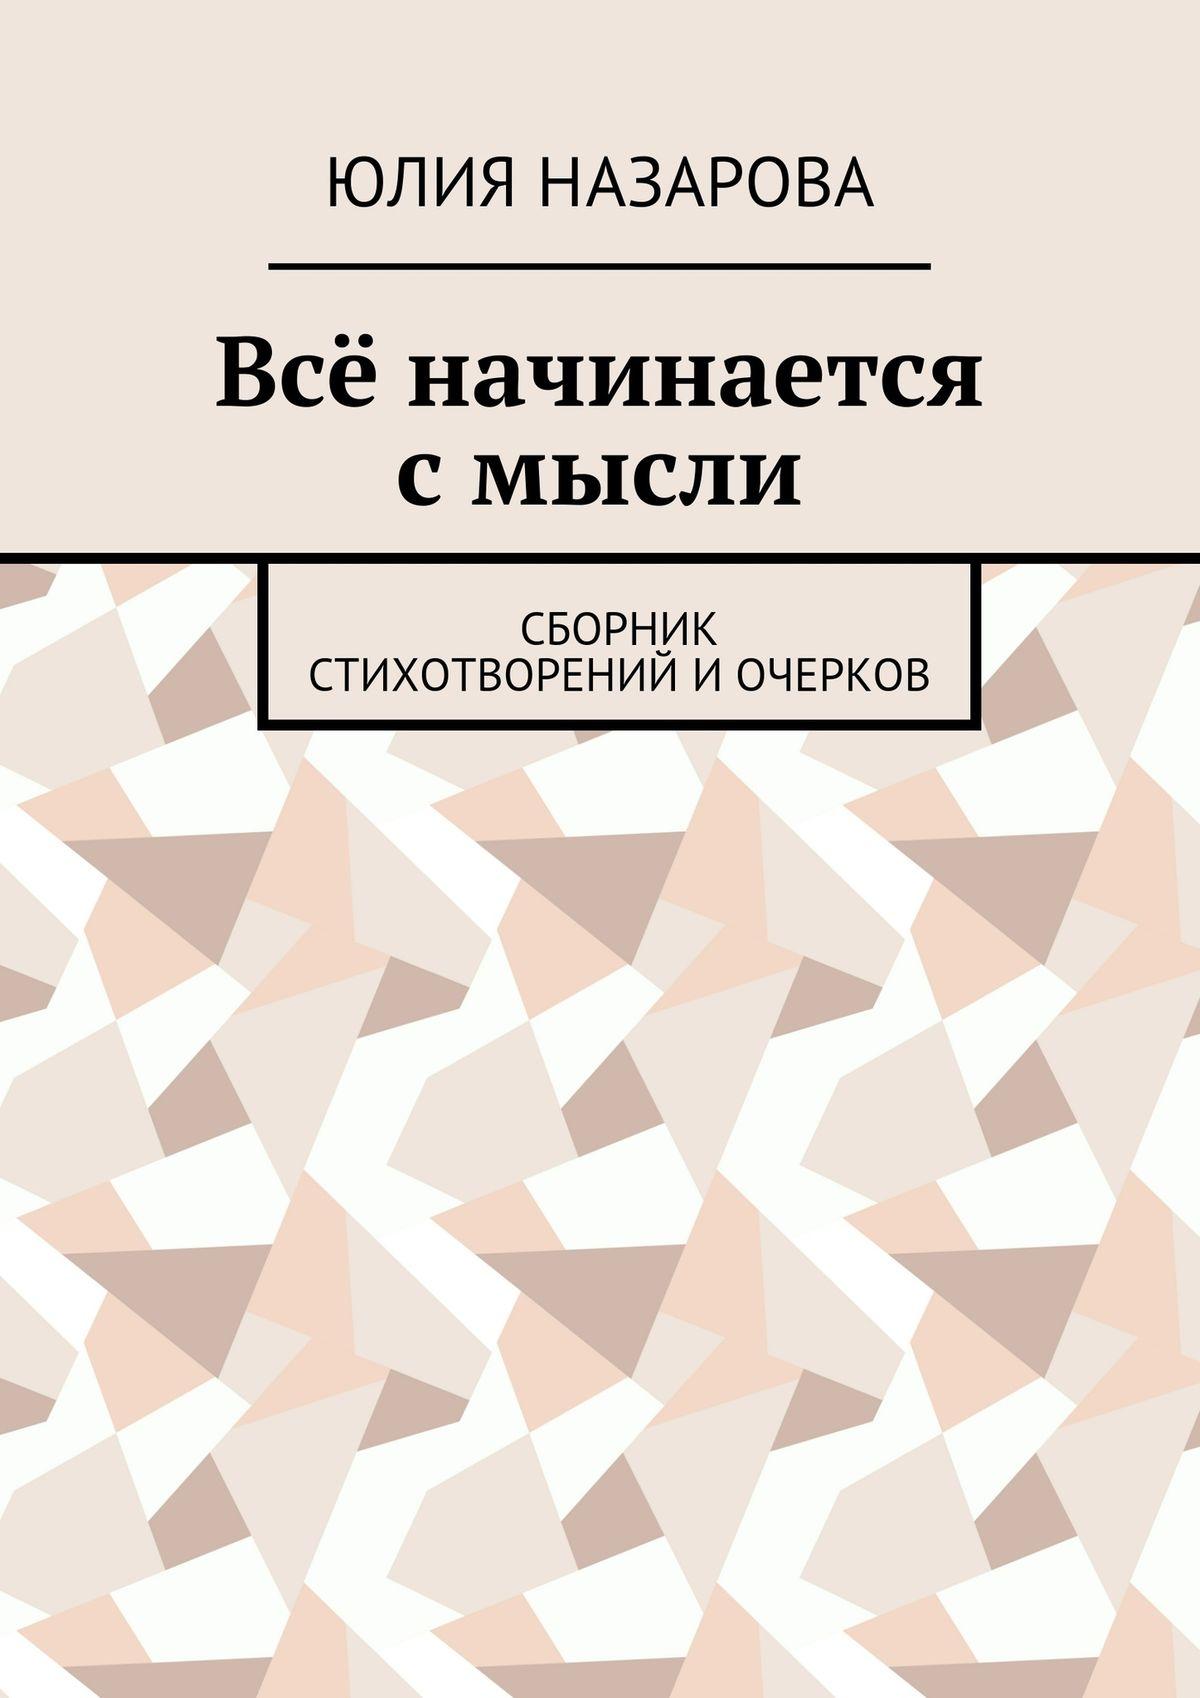 Юлия Назарова Всё начинается смысли. Сборник стихотворений иочерков цены